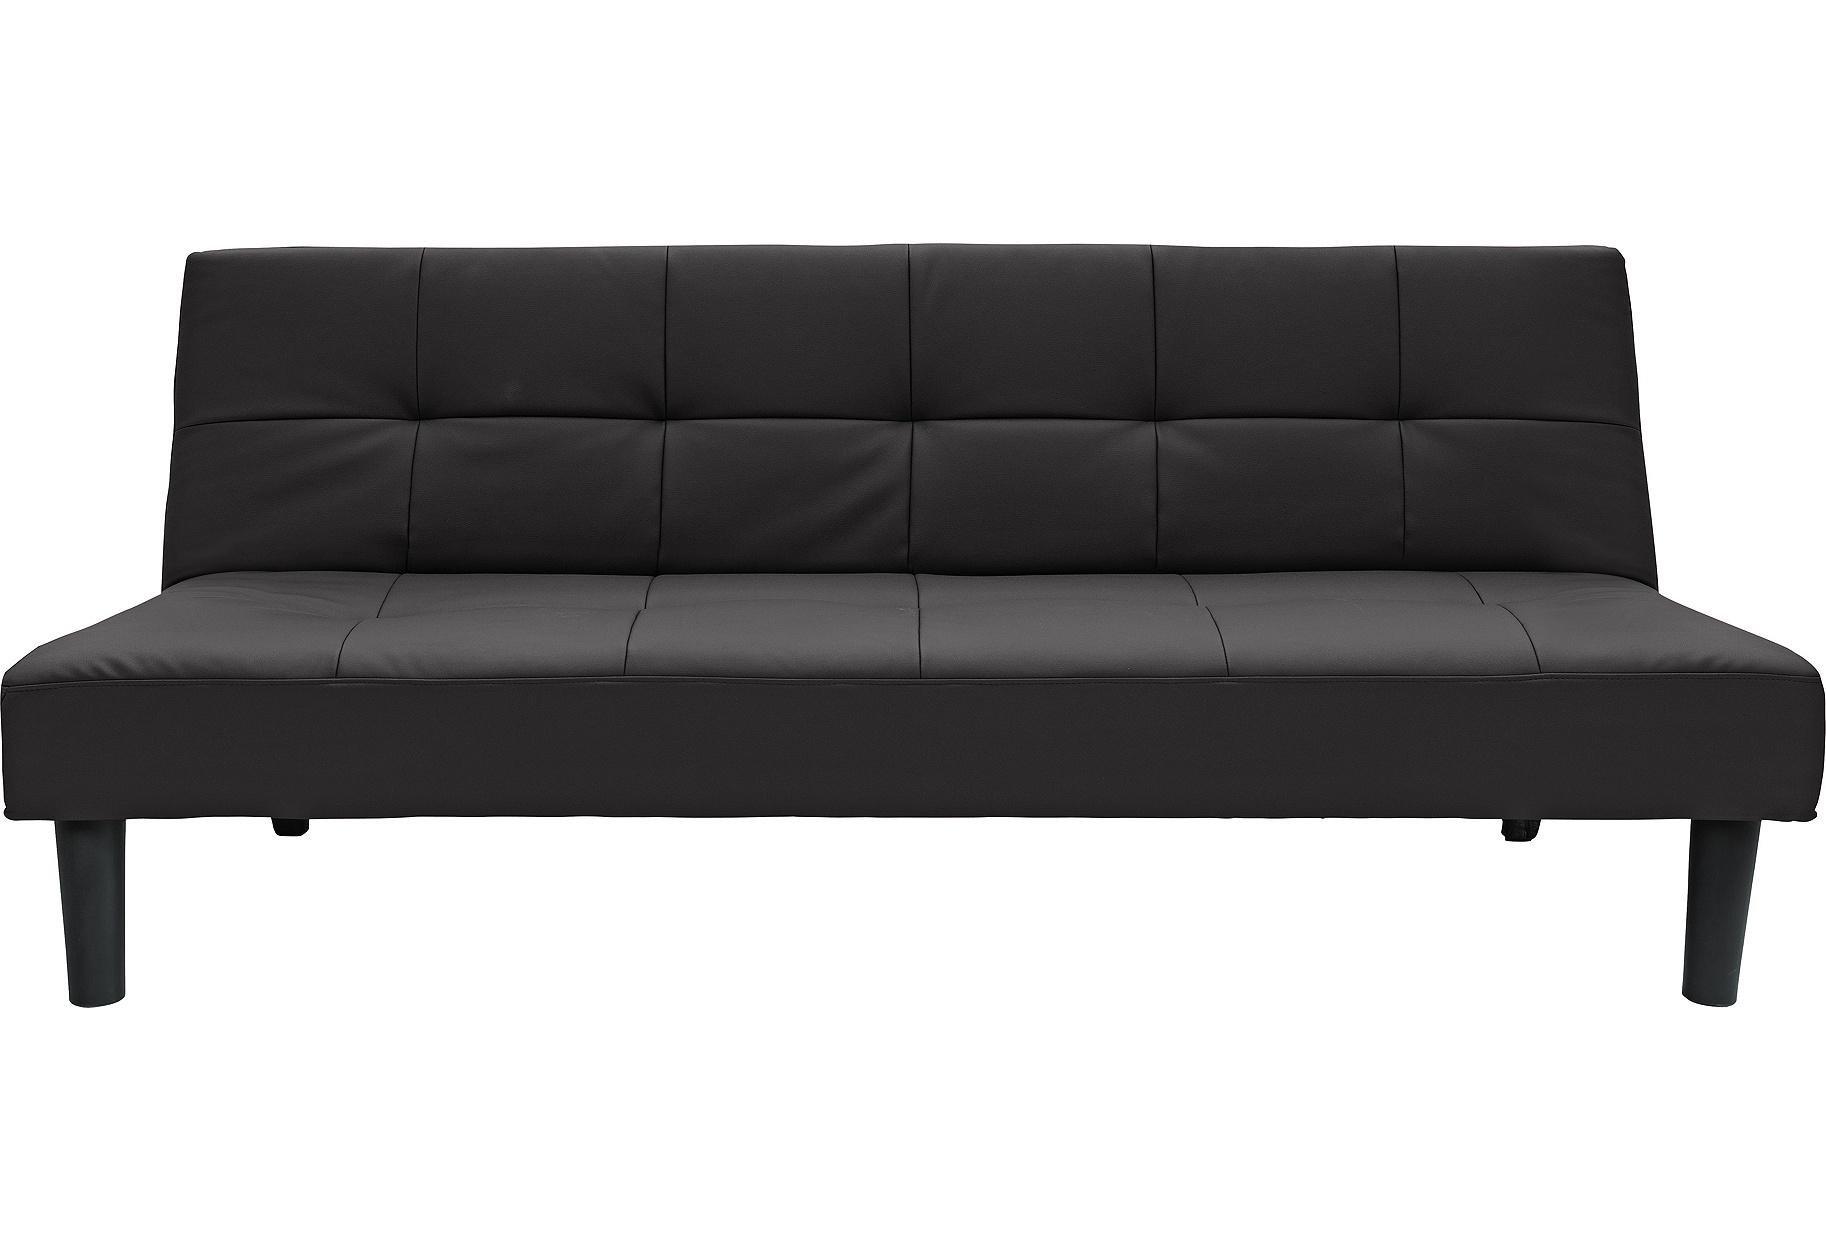 Habitat Patsy 3 Seater Clic Clac Sofa Bed - Black